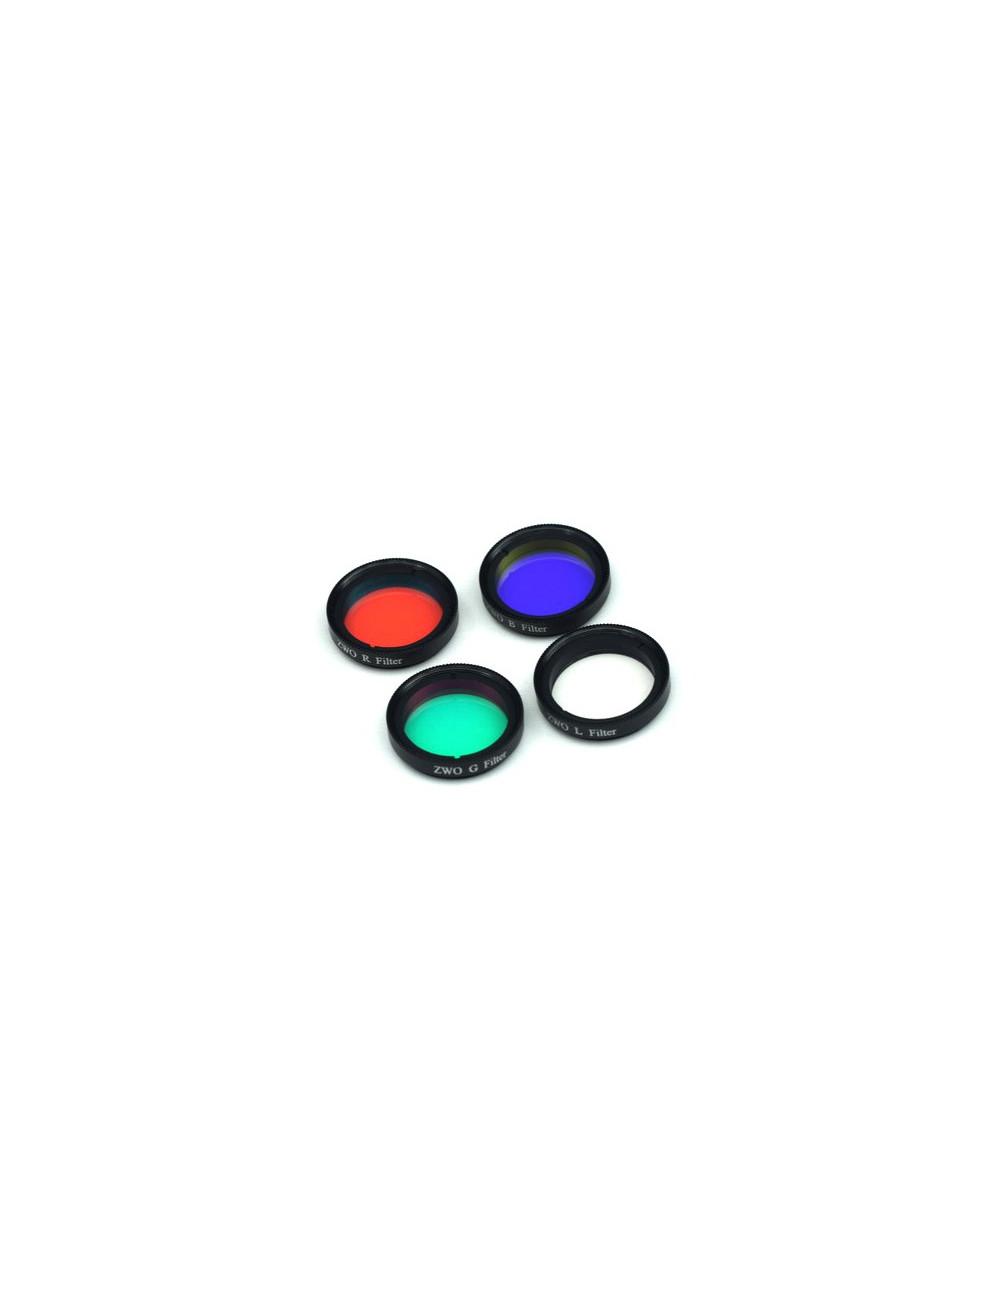 Set de 4 filtres LRGB 36mm ZWO